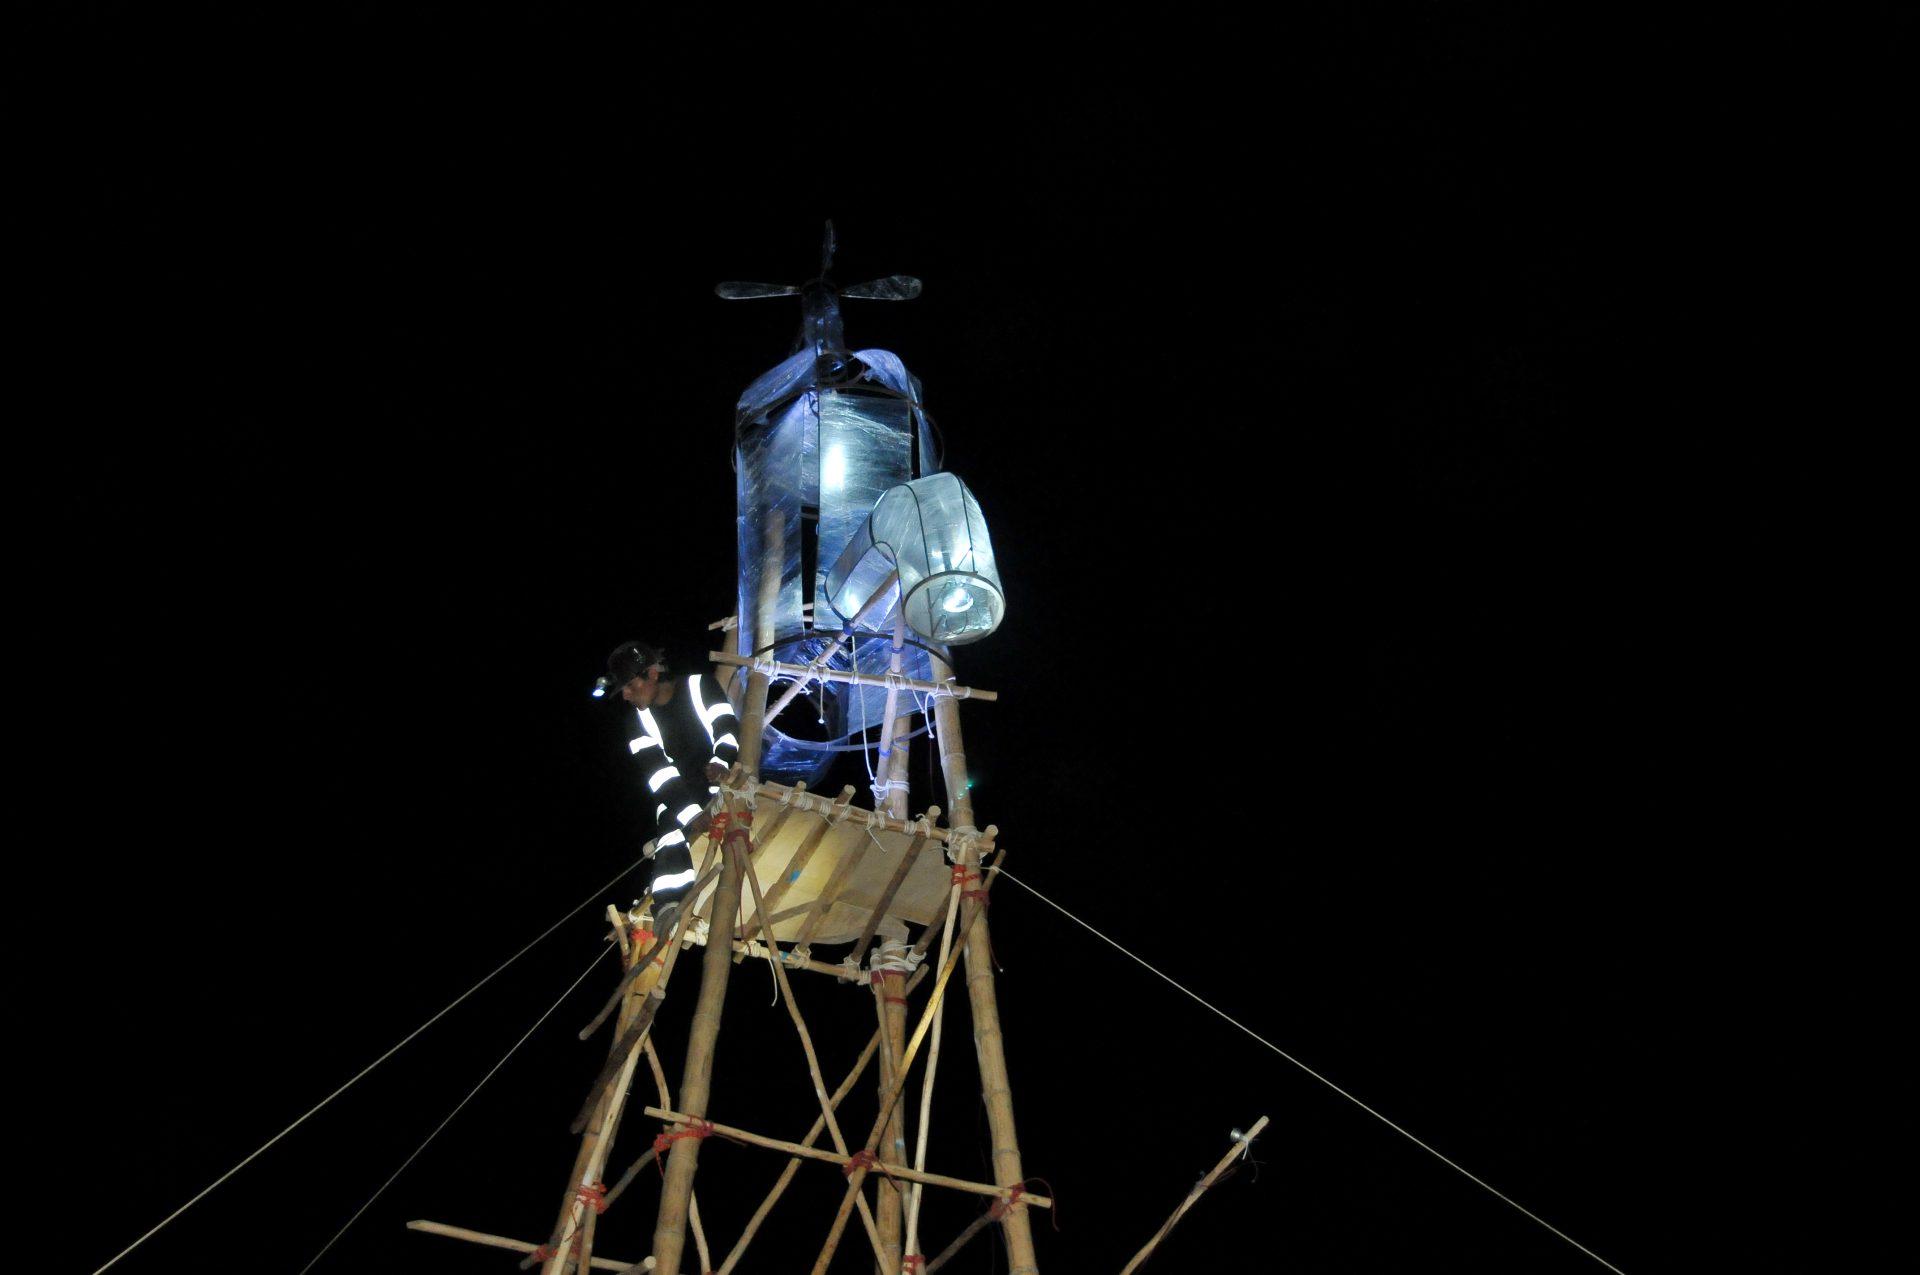 2008_peru_desierto_present3_04_desert_moon